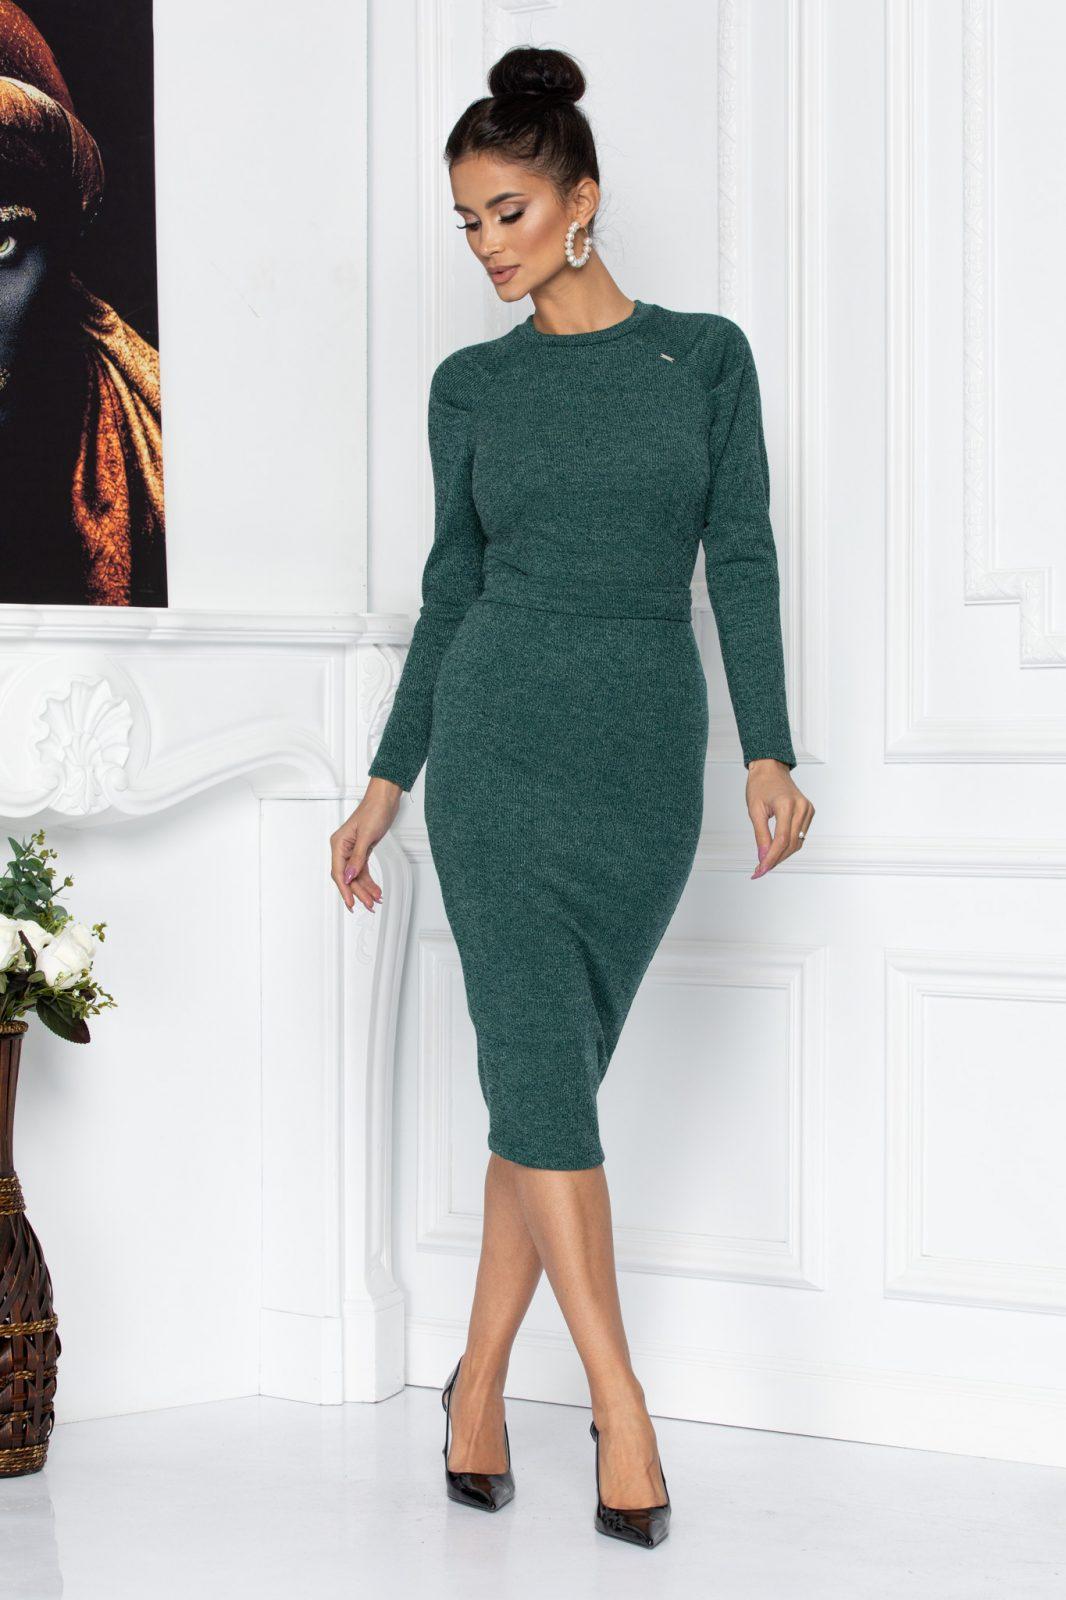 Πράσινο Μίντι Πλεκτό Φόρεμα Cindy 8629